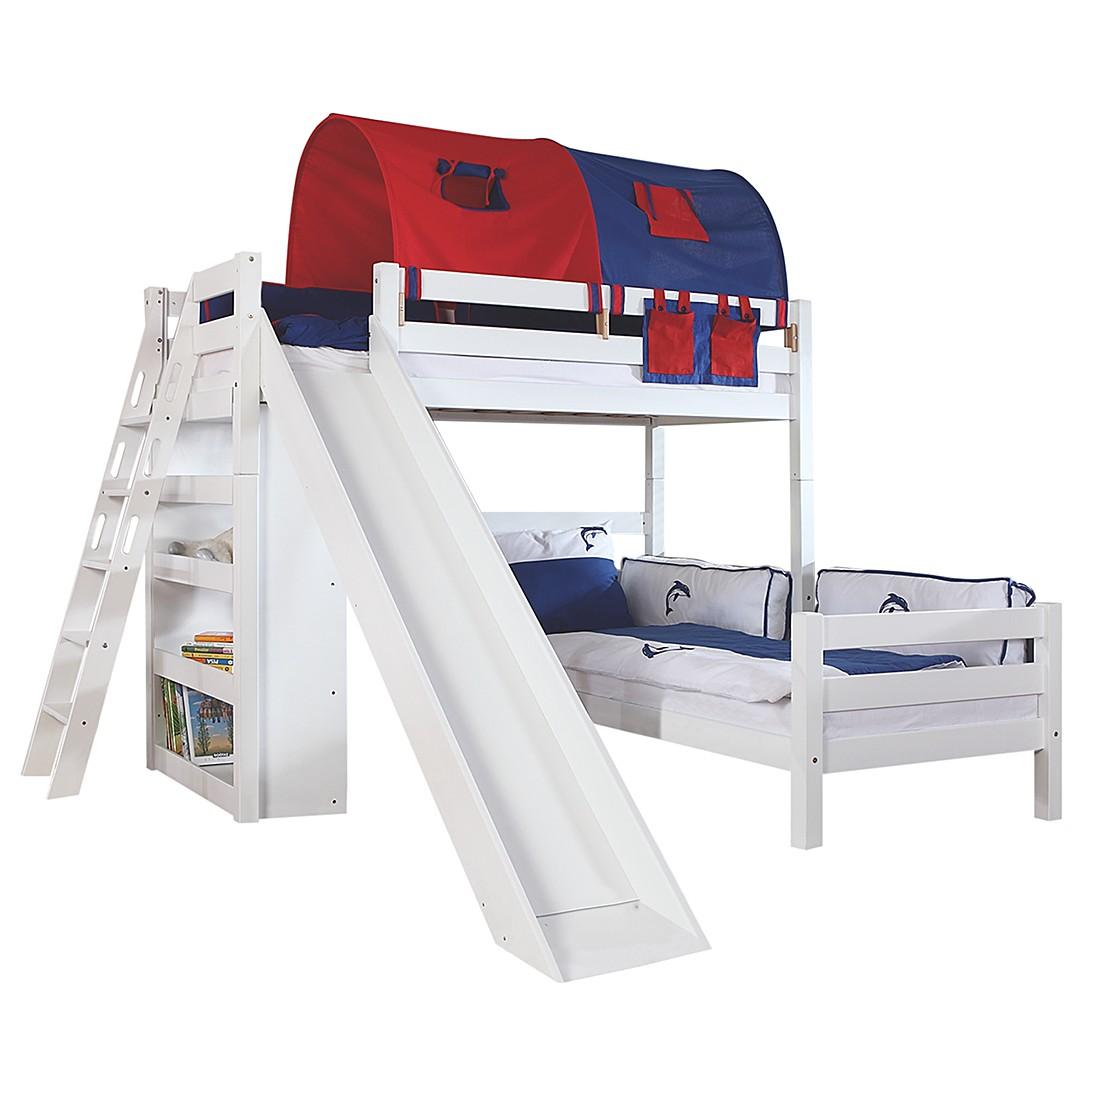 Spielbett Sky - Buche massiv - Weiß/Textil Blau-Rot - mit Rutsche,Regal, Tunnel und Tasche, Relita